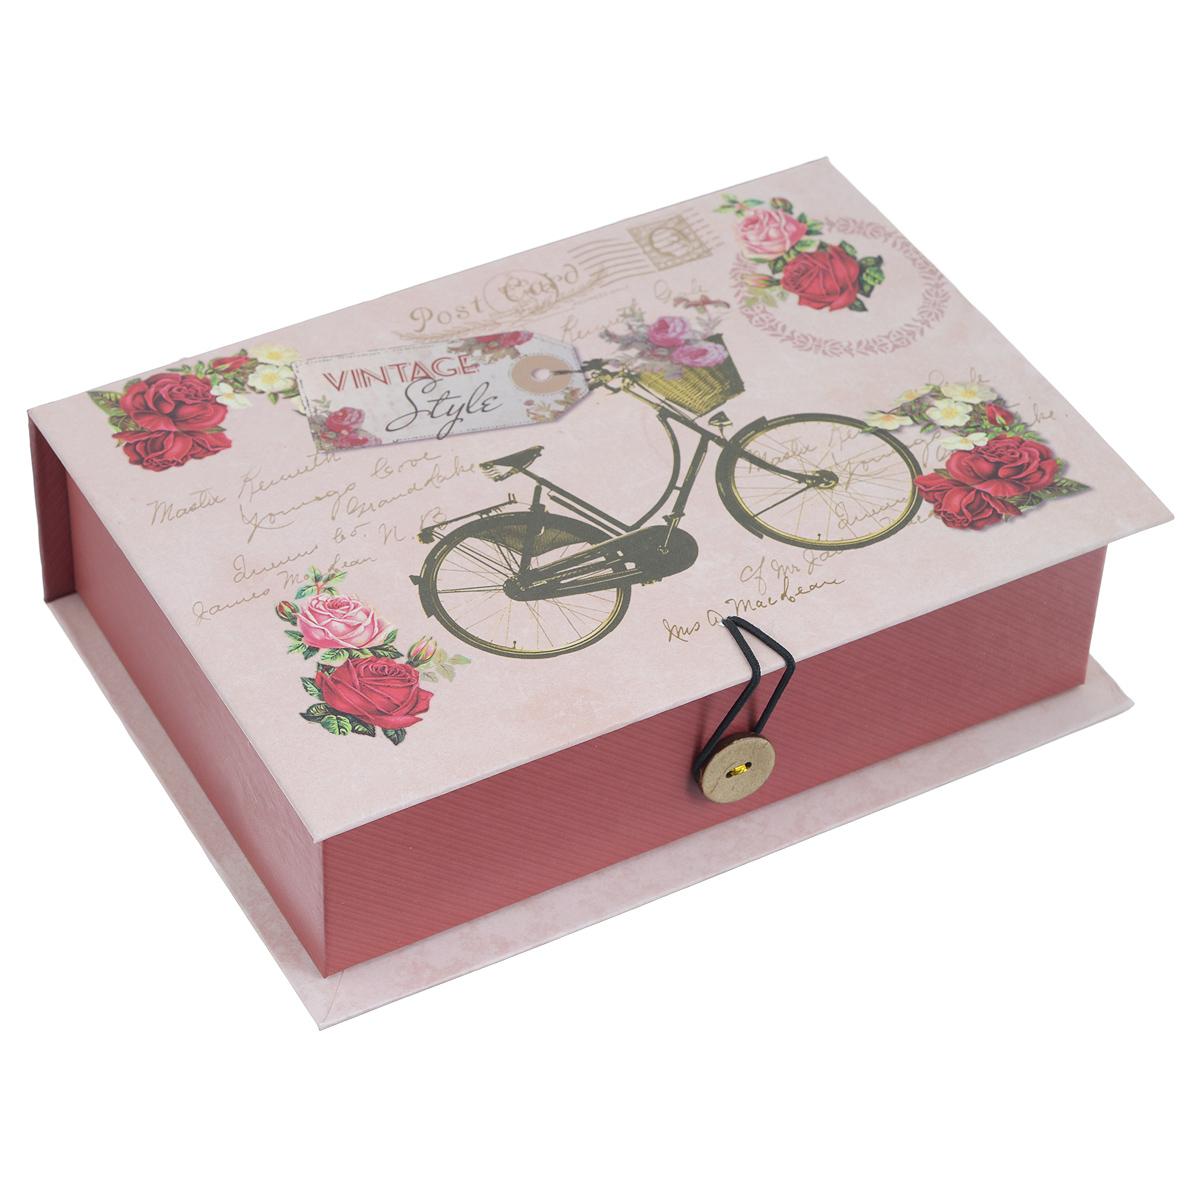 Подарочная коробка Велосипед, 20 х 14 х 6 см39479Подарочная коробка Велосипед выполнена из плотного картона. Изделие оформлено изображением велосипеда и цветов. Коробка закрывается на пуговицу. Подарочная коробка - это наилучшее решение, если вы хотите порадовать ваших близких и создать праздничное настроение, ведь подарок, преподнесенный в оригинальной упаковке, всегда будет самым эффектным и запоминающимся. Окружите близких людей вниманием и заботой, вручив презент в нарядном, праздничном оформлении. Плотность картона: 1100 г/м2.